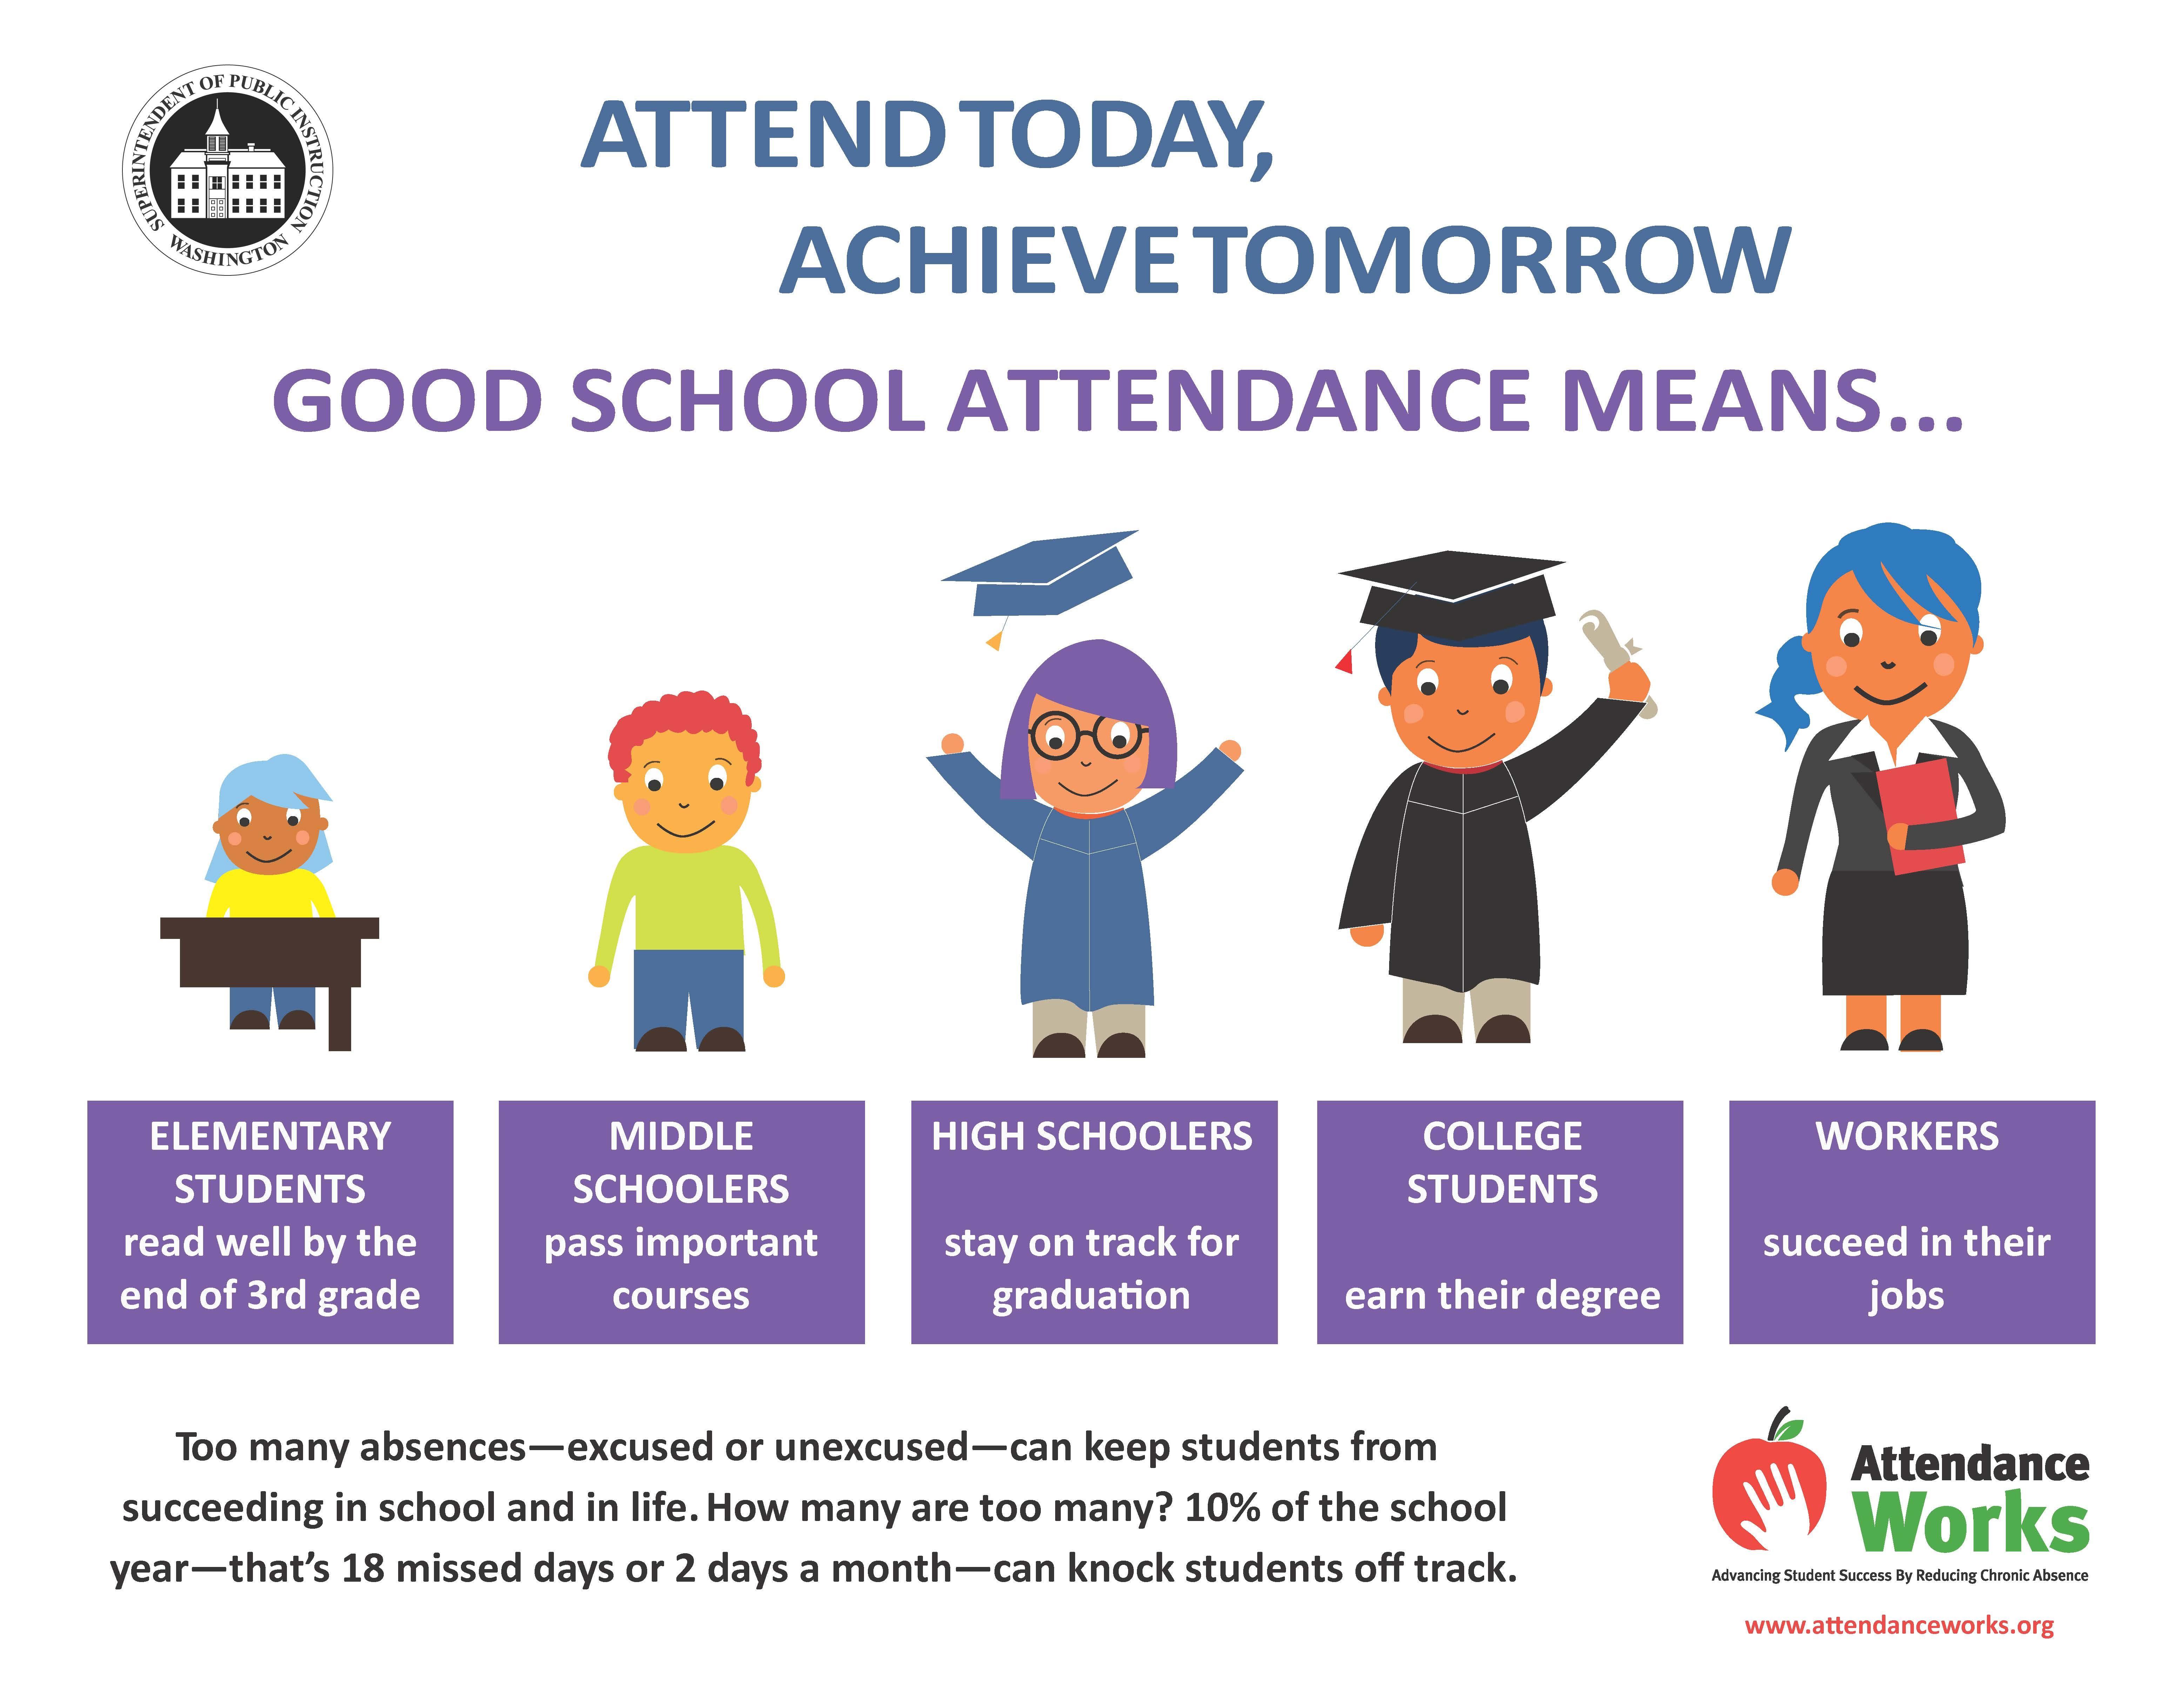 http://www.attendanceworks.org/